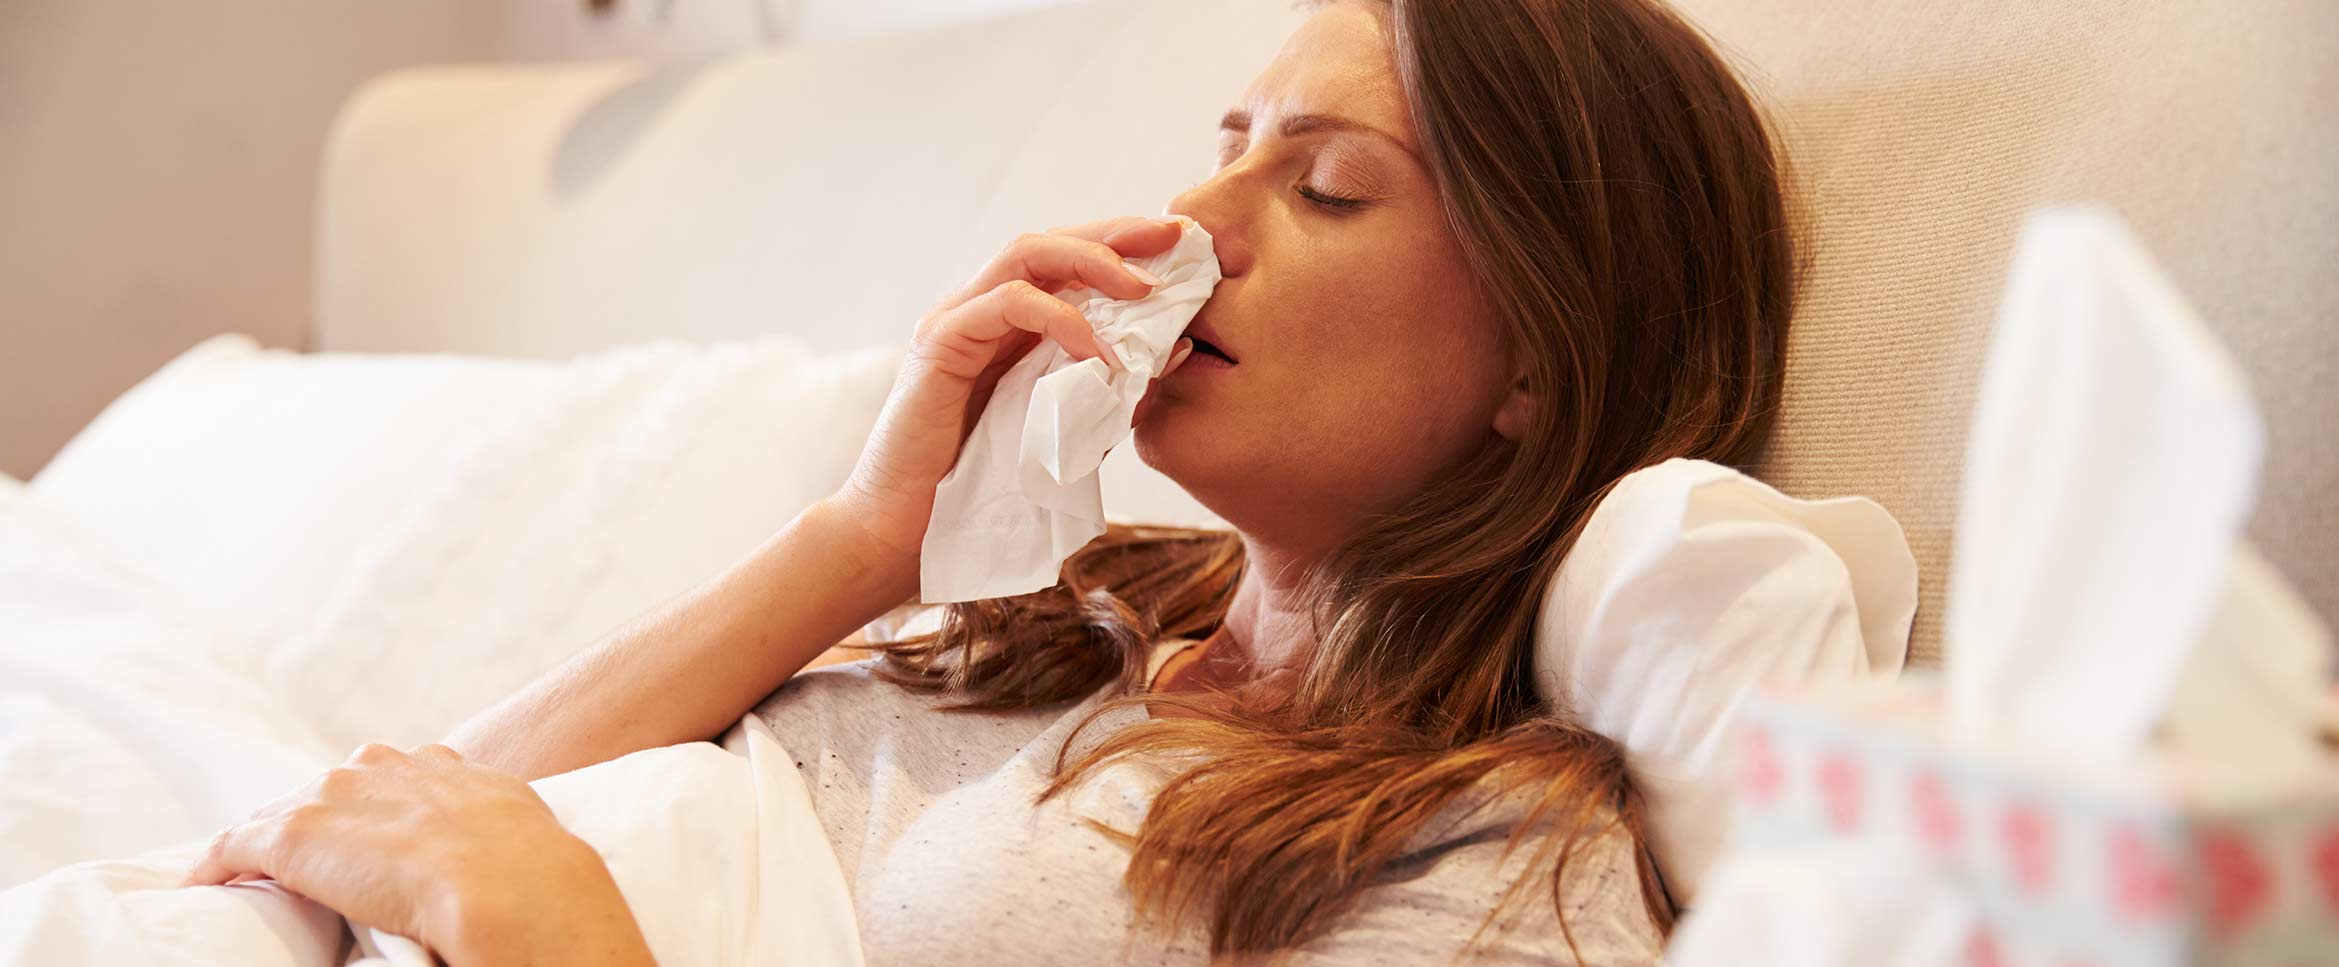 magen darm verstimmung symptome